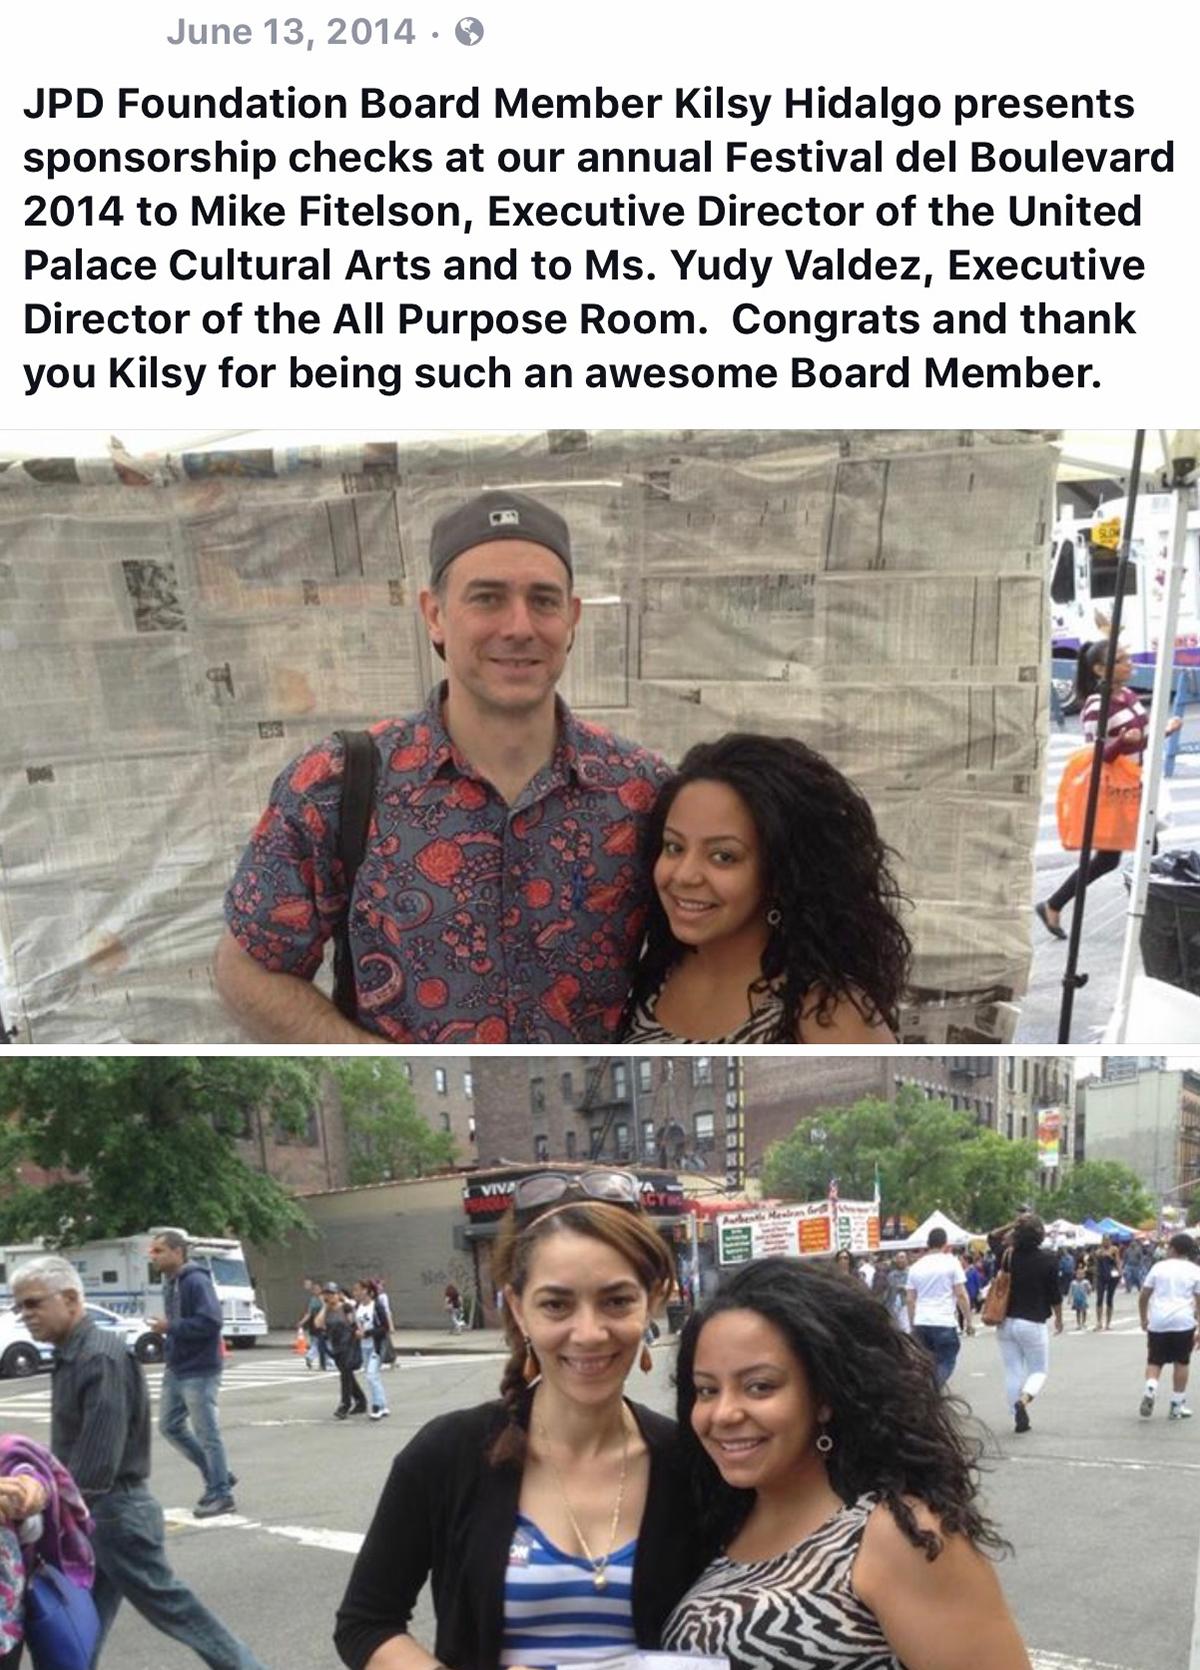 Kilsy Idalgo – Sponsorship Check @ Festival del Boulevard 2014